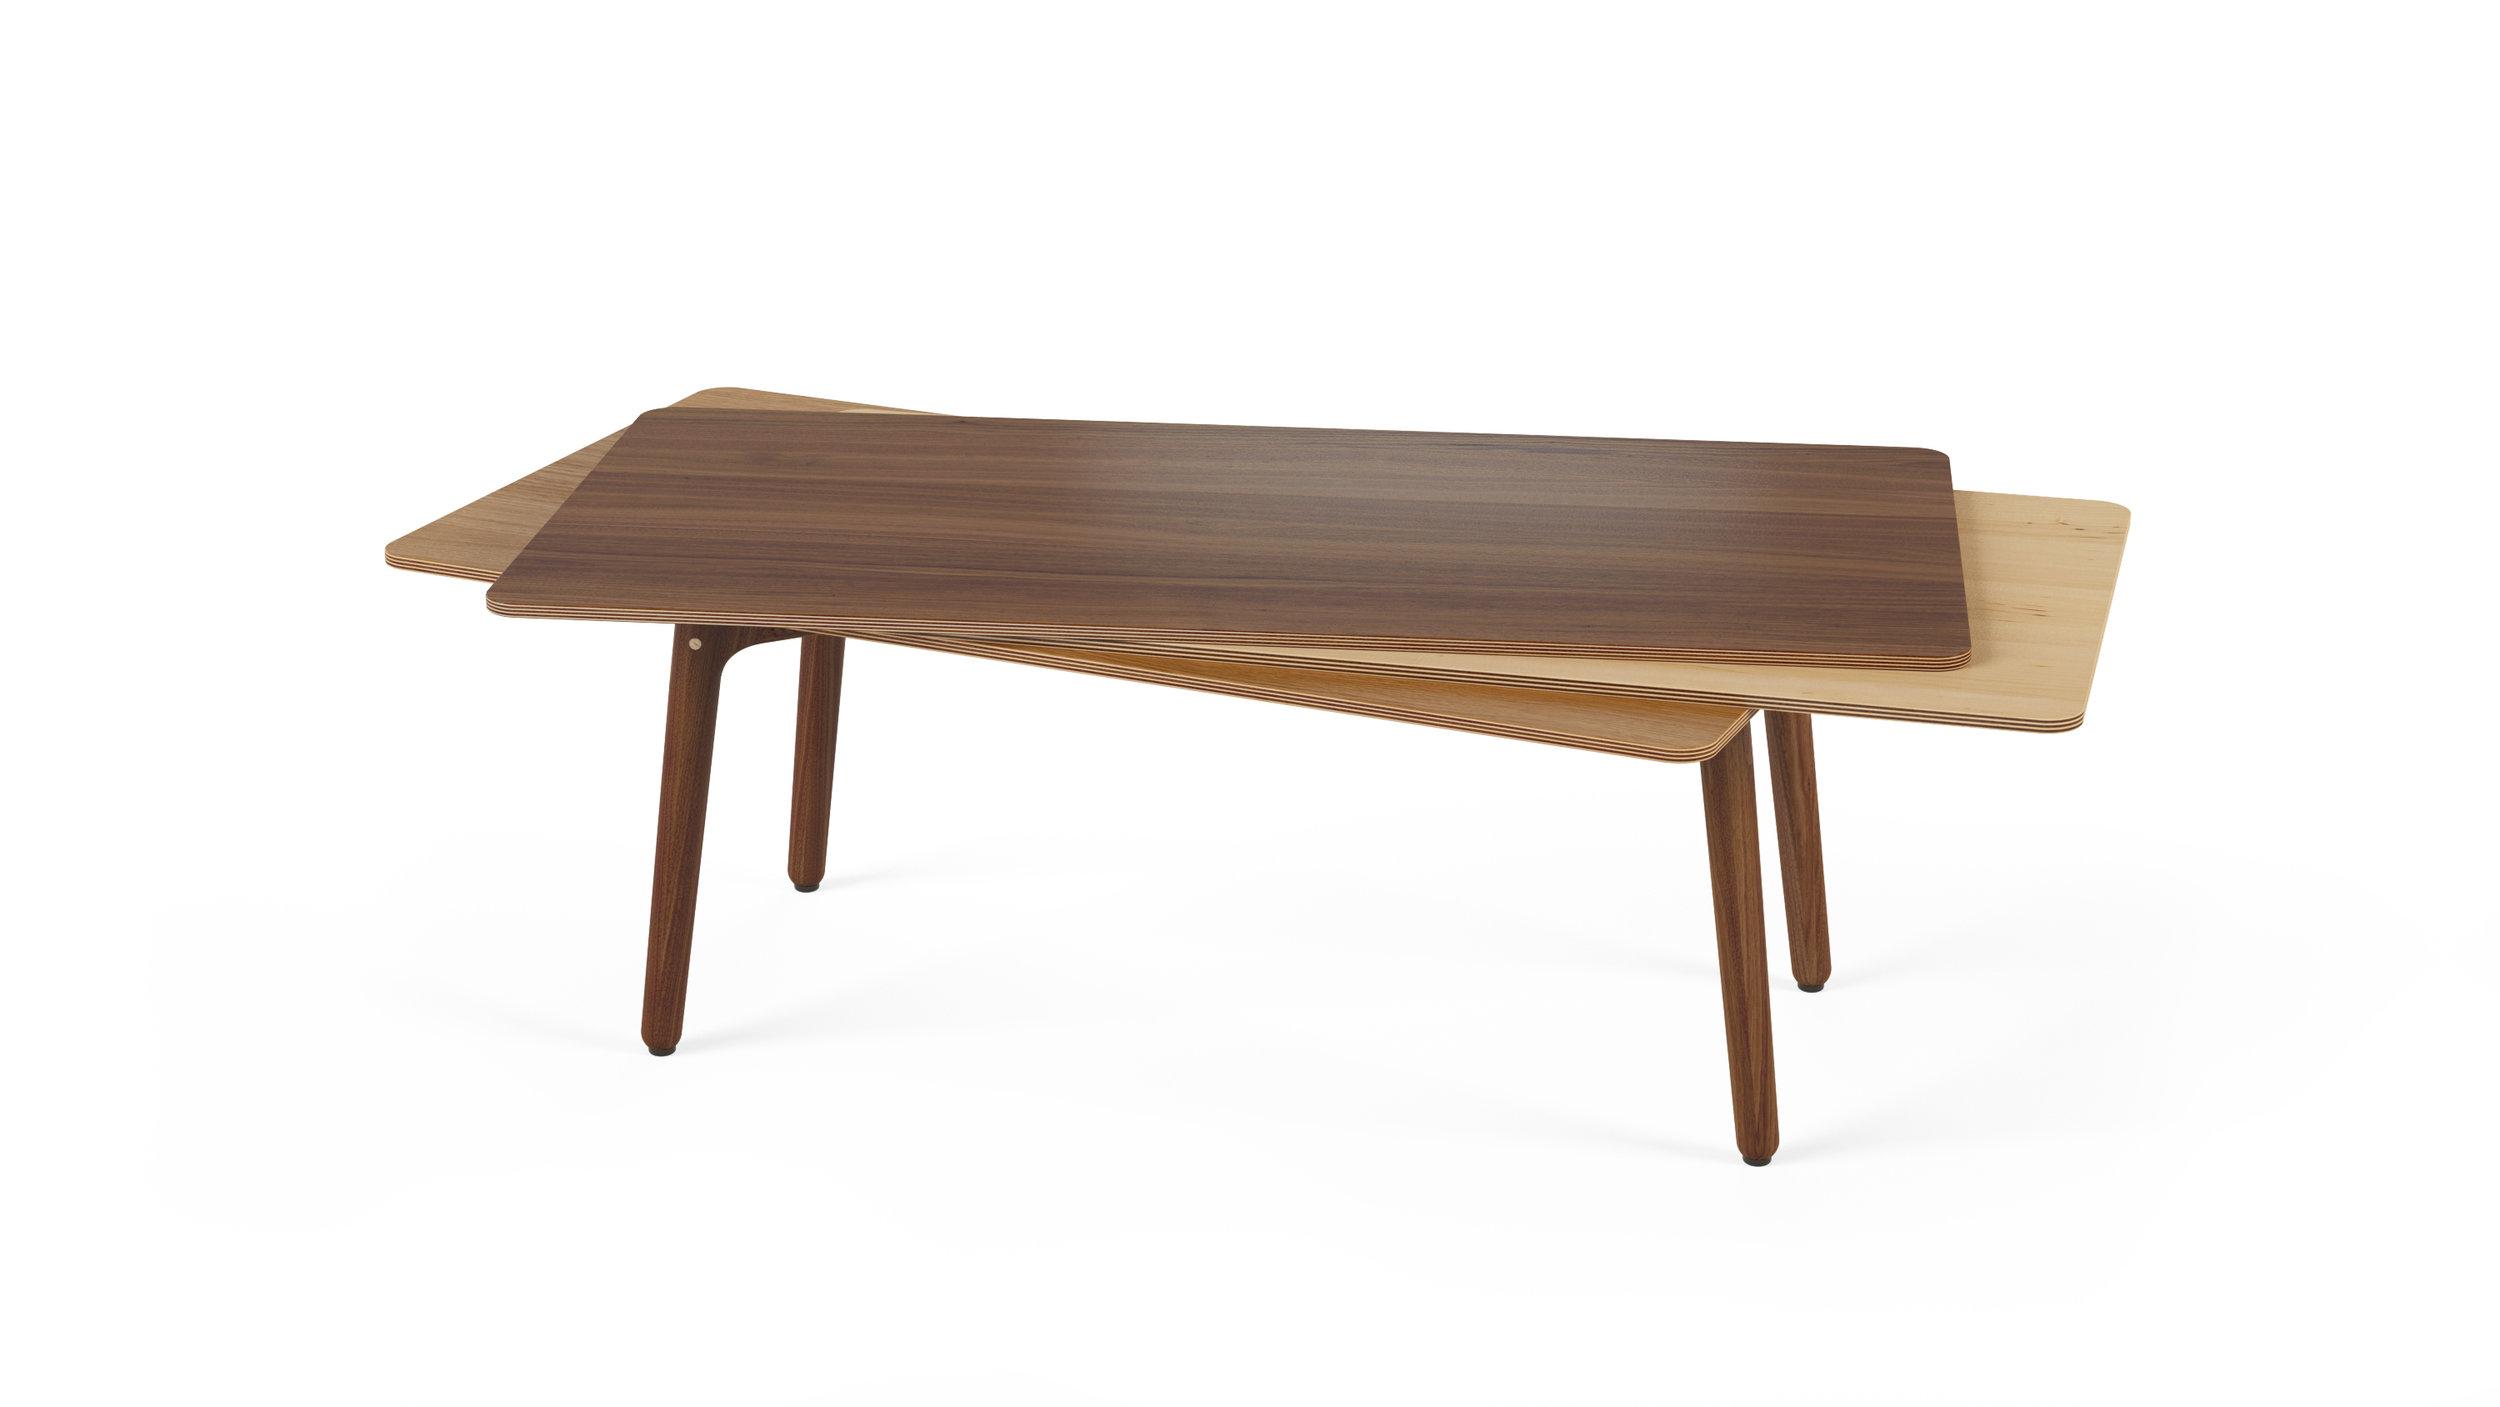 Stacked Coffee Table (Wood) - Walnut, Maple, Oak.jpg